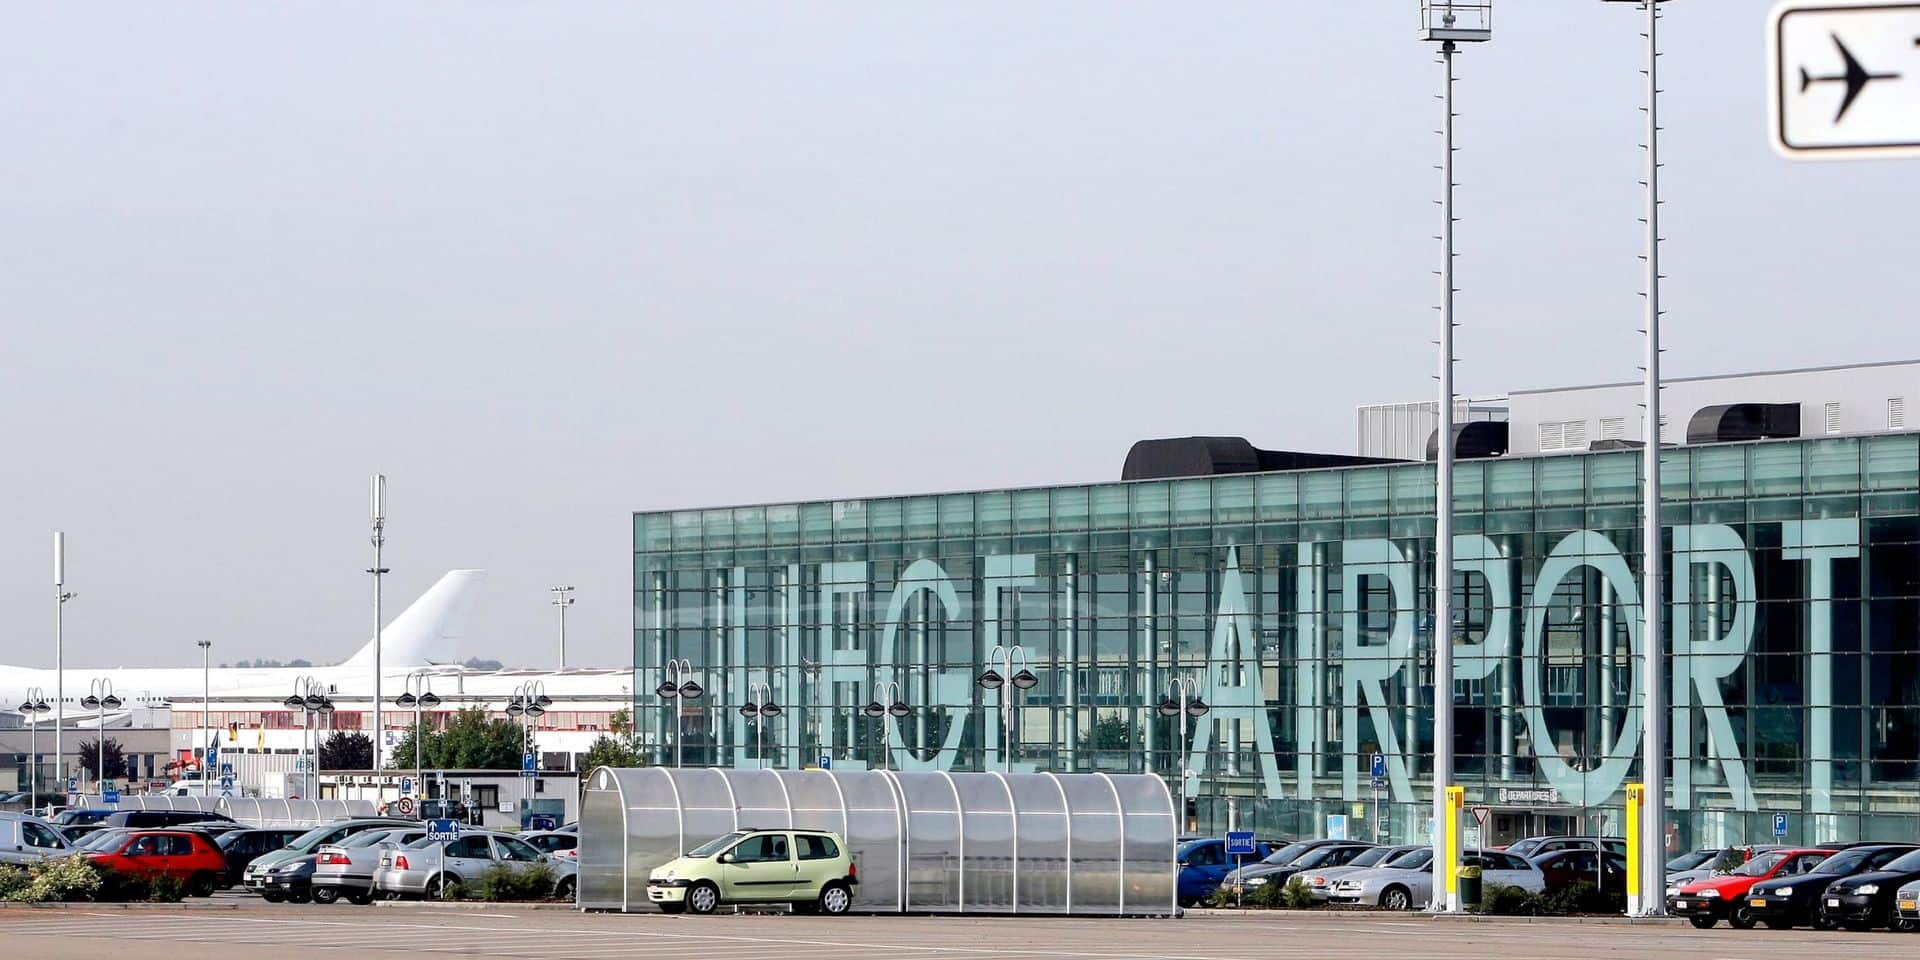 Liege Airport en débat au Parlement de Wallonie